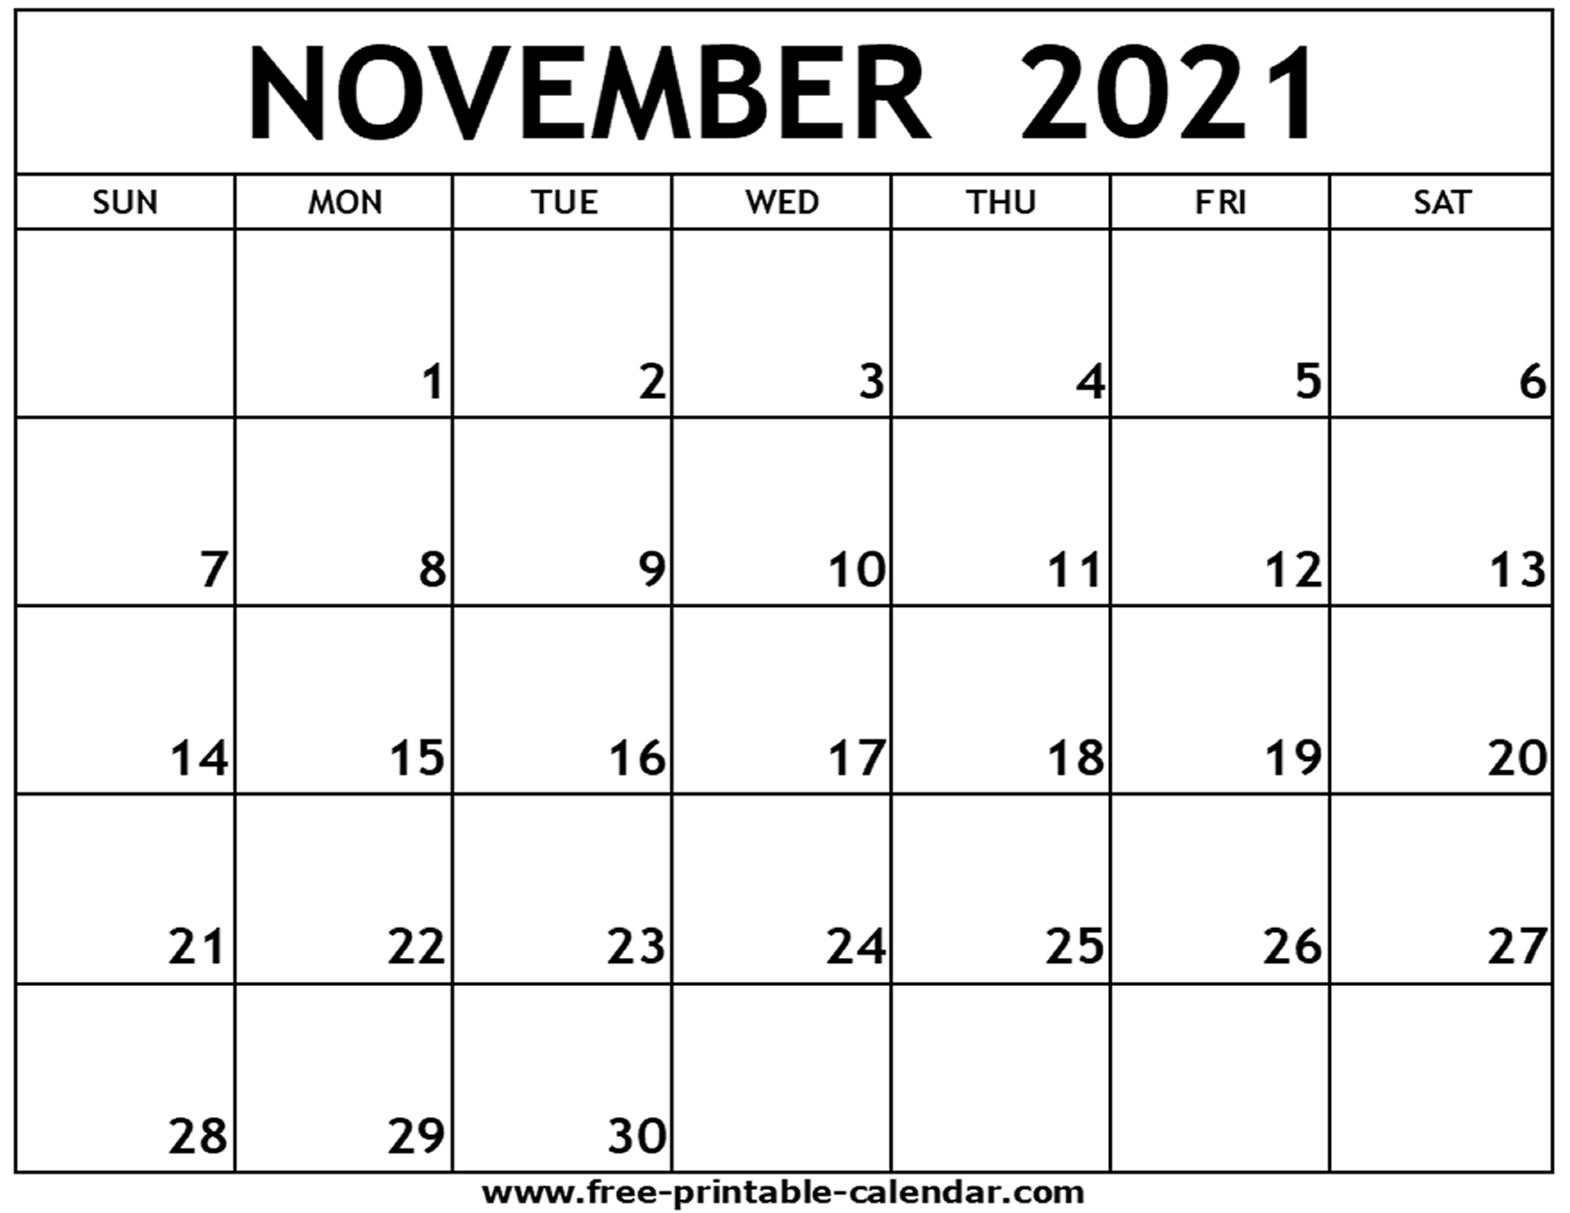 Collect 2021 November Calendar Printable Free